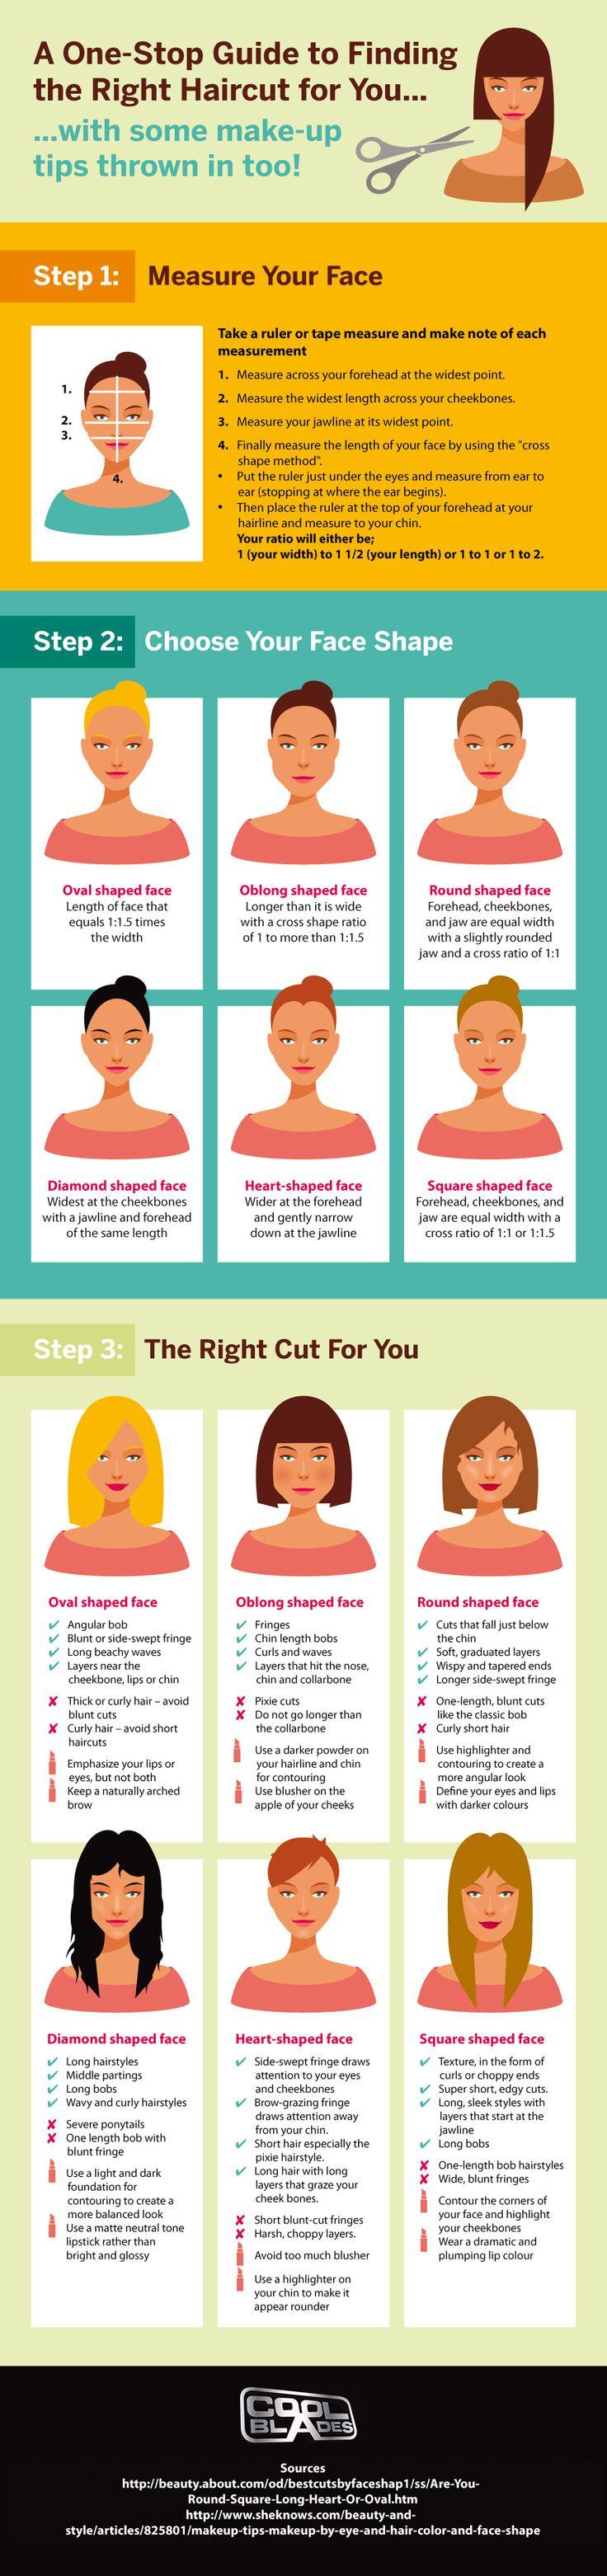 sursa foto: makeupbybarbz.com